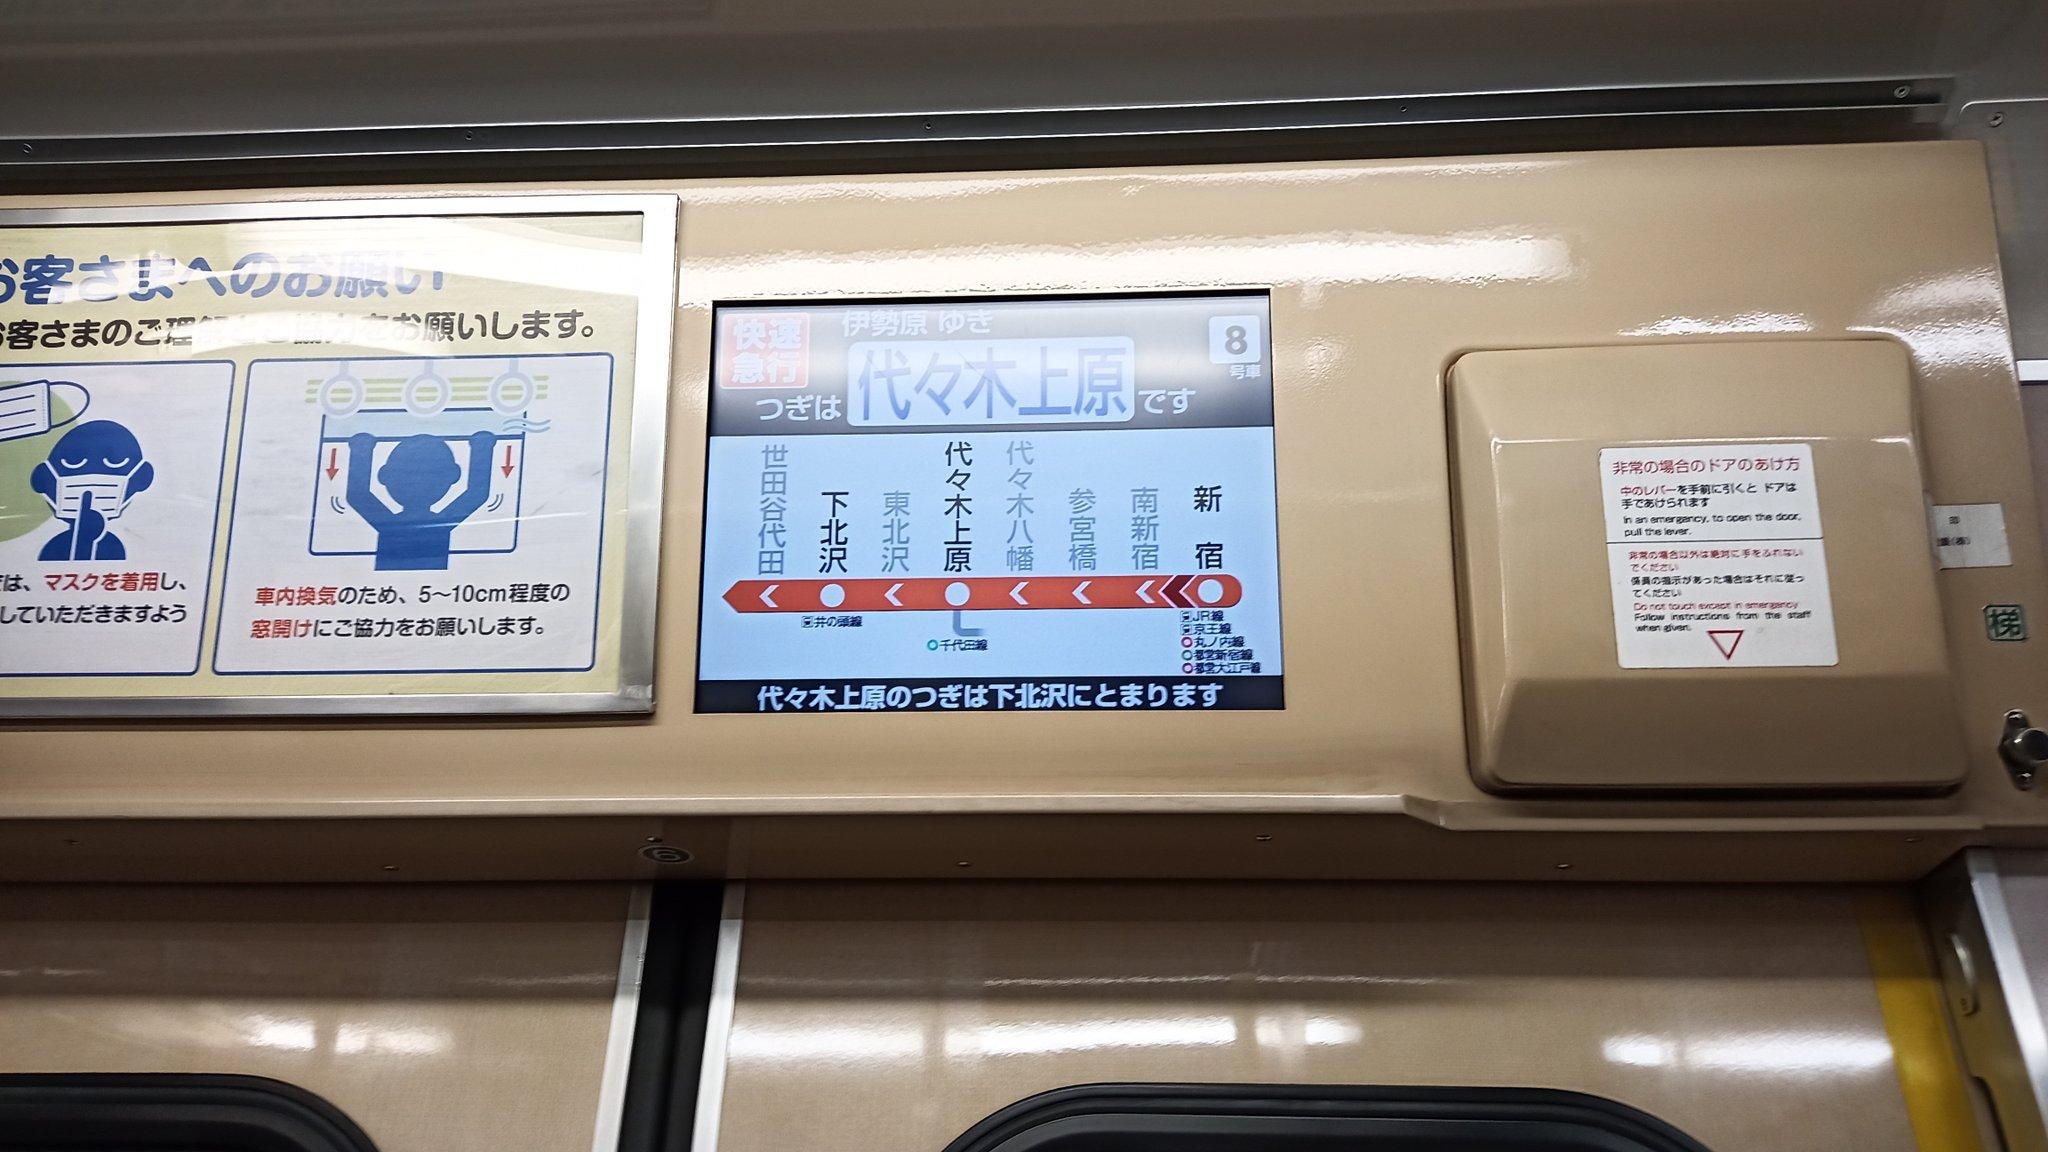 画像,小田急人身事故のすえに電光掲示板がおかしくなってしもうた https://t.co/1BPDsk63dl。